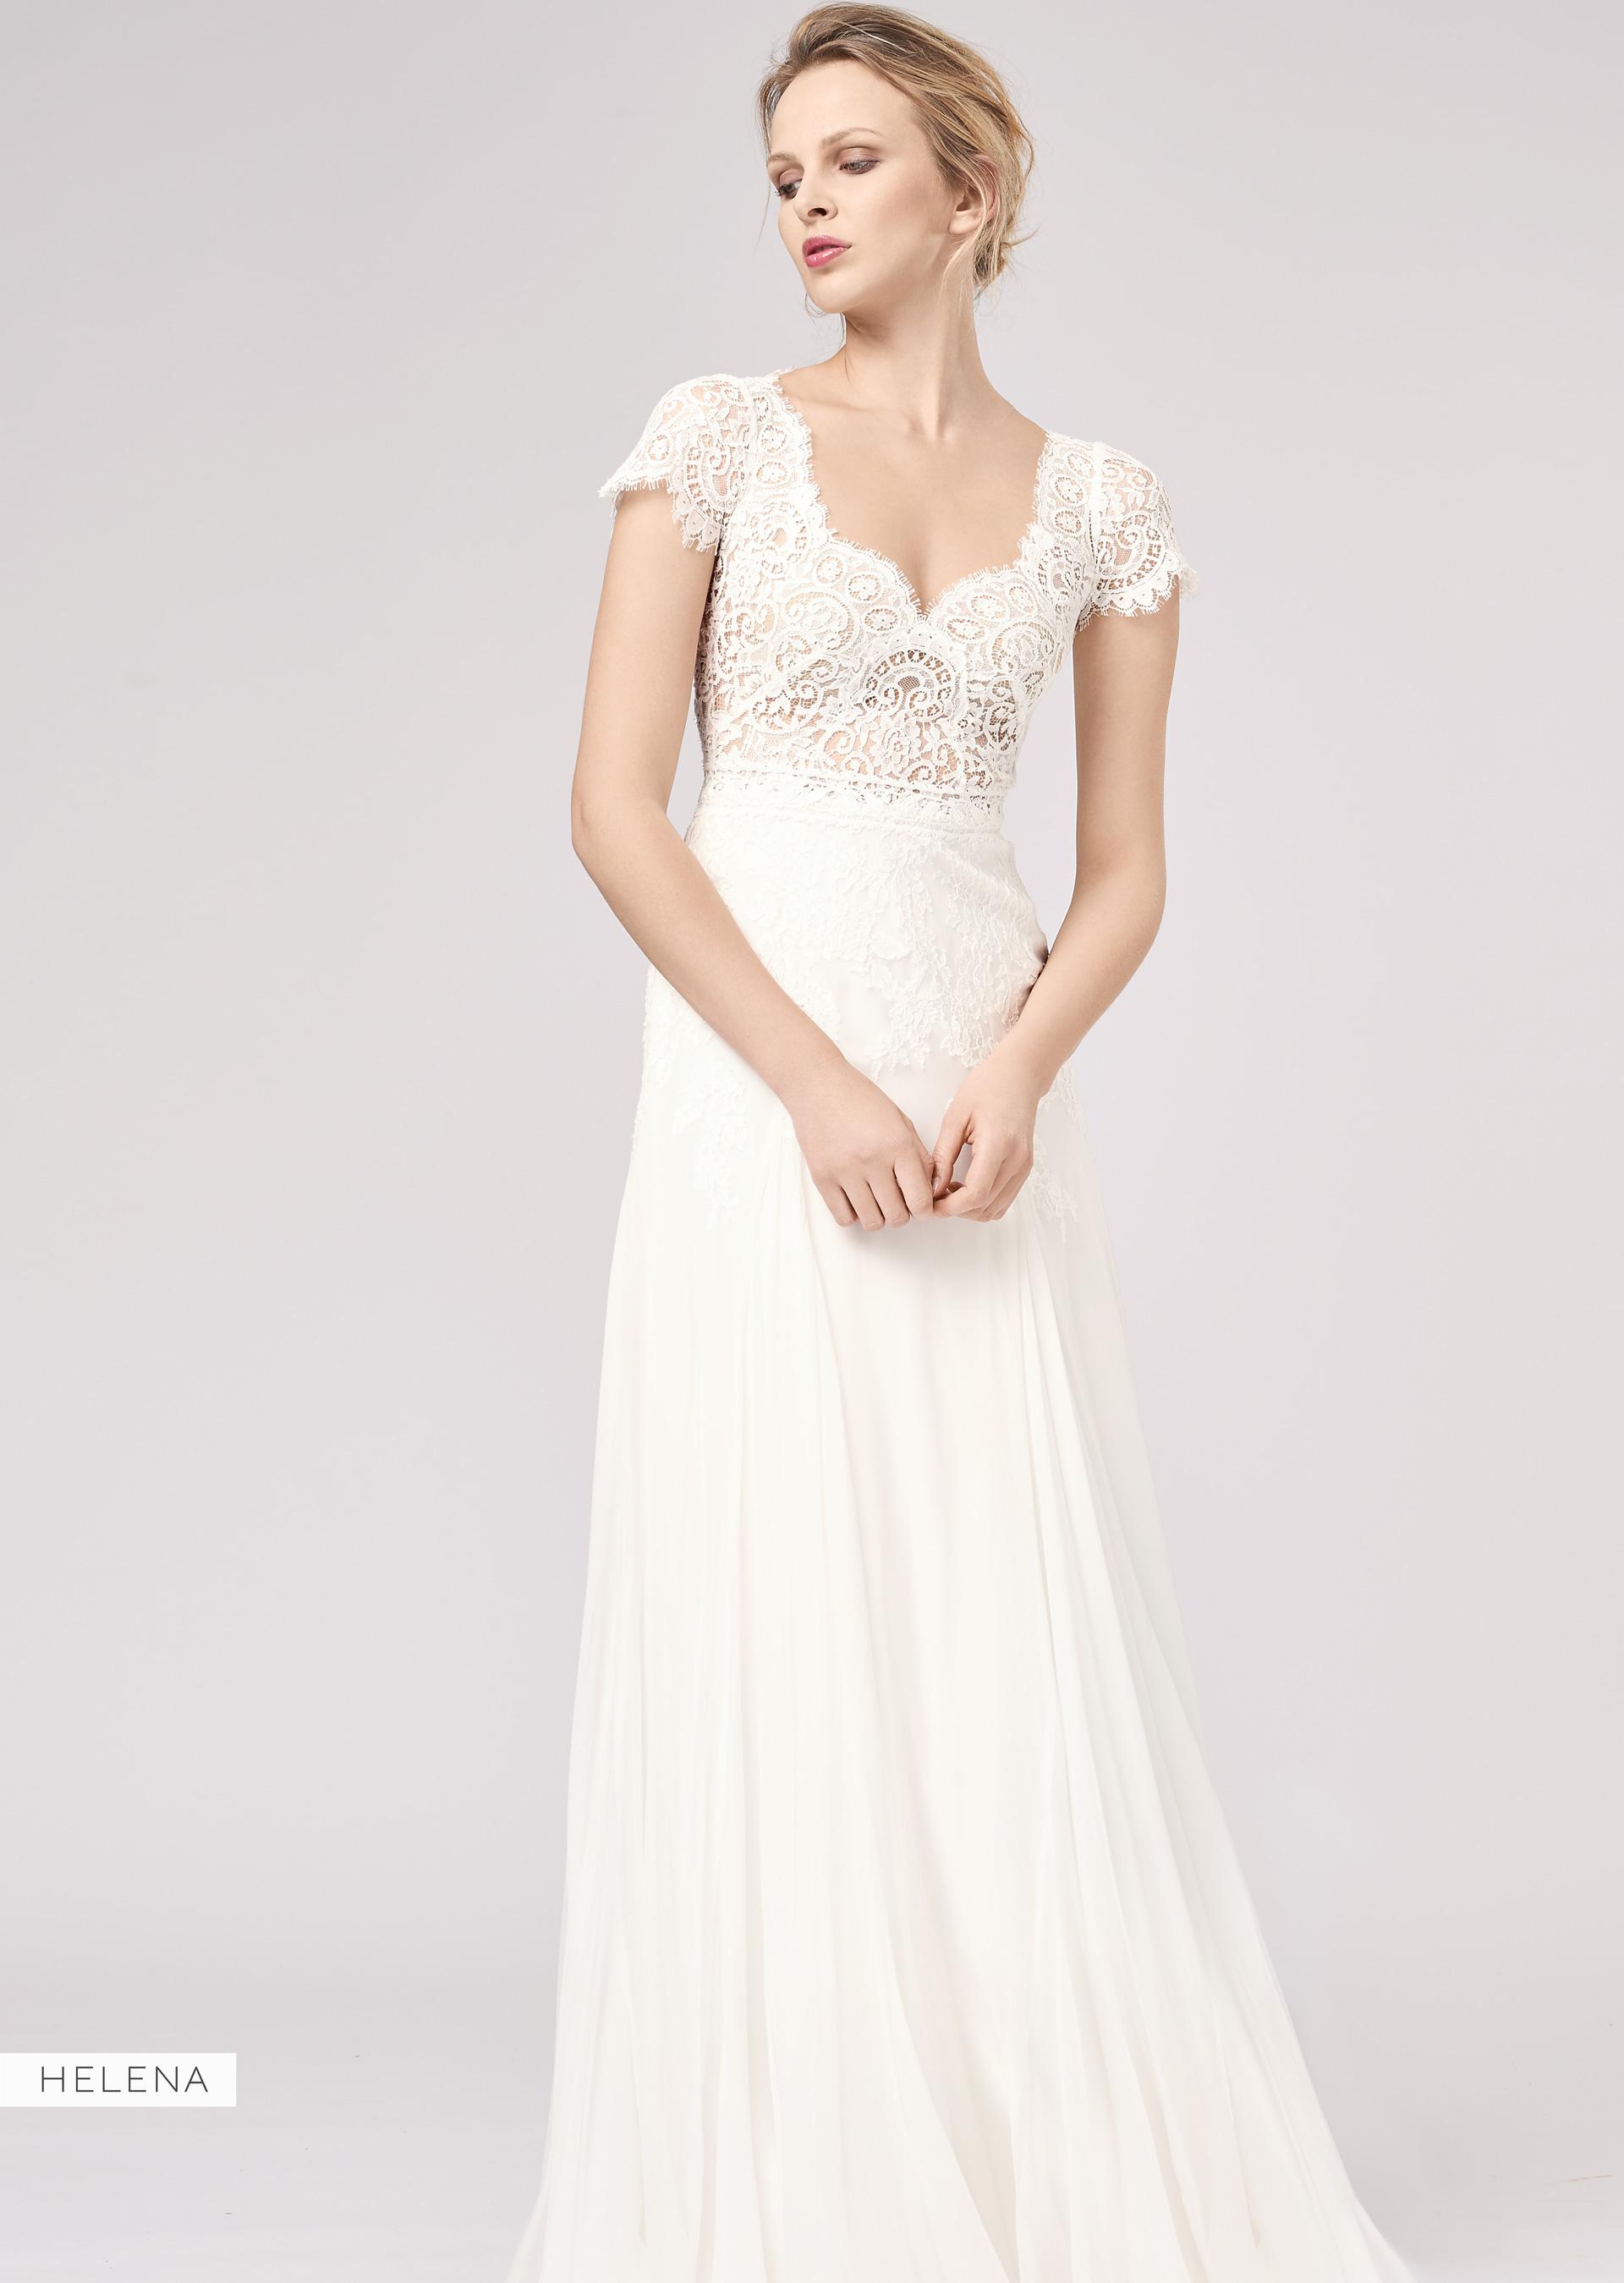 Nett Vintage Brautkleider Belfast Zeitgenössisch - Brautkleider ...